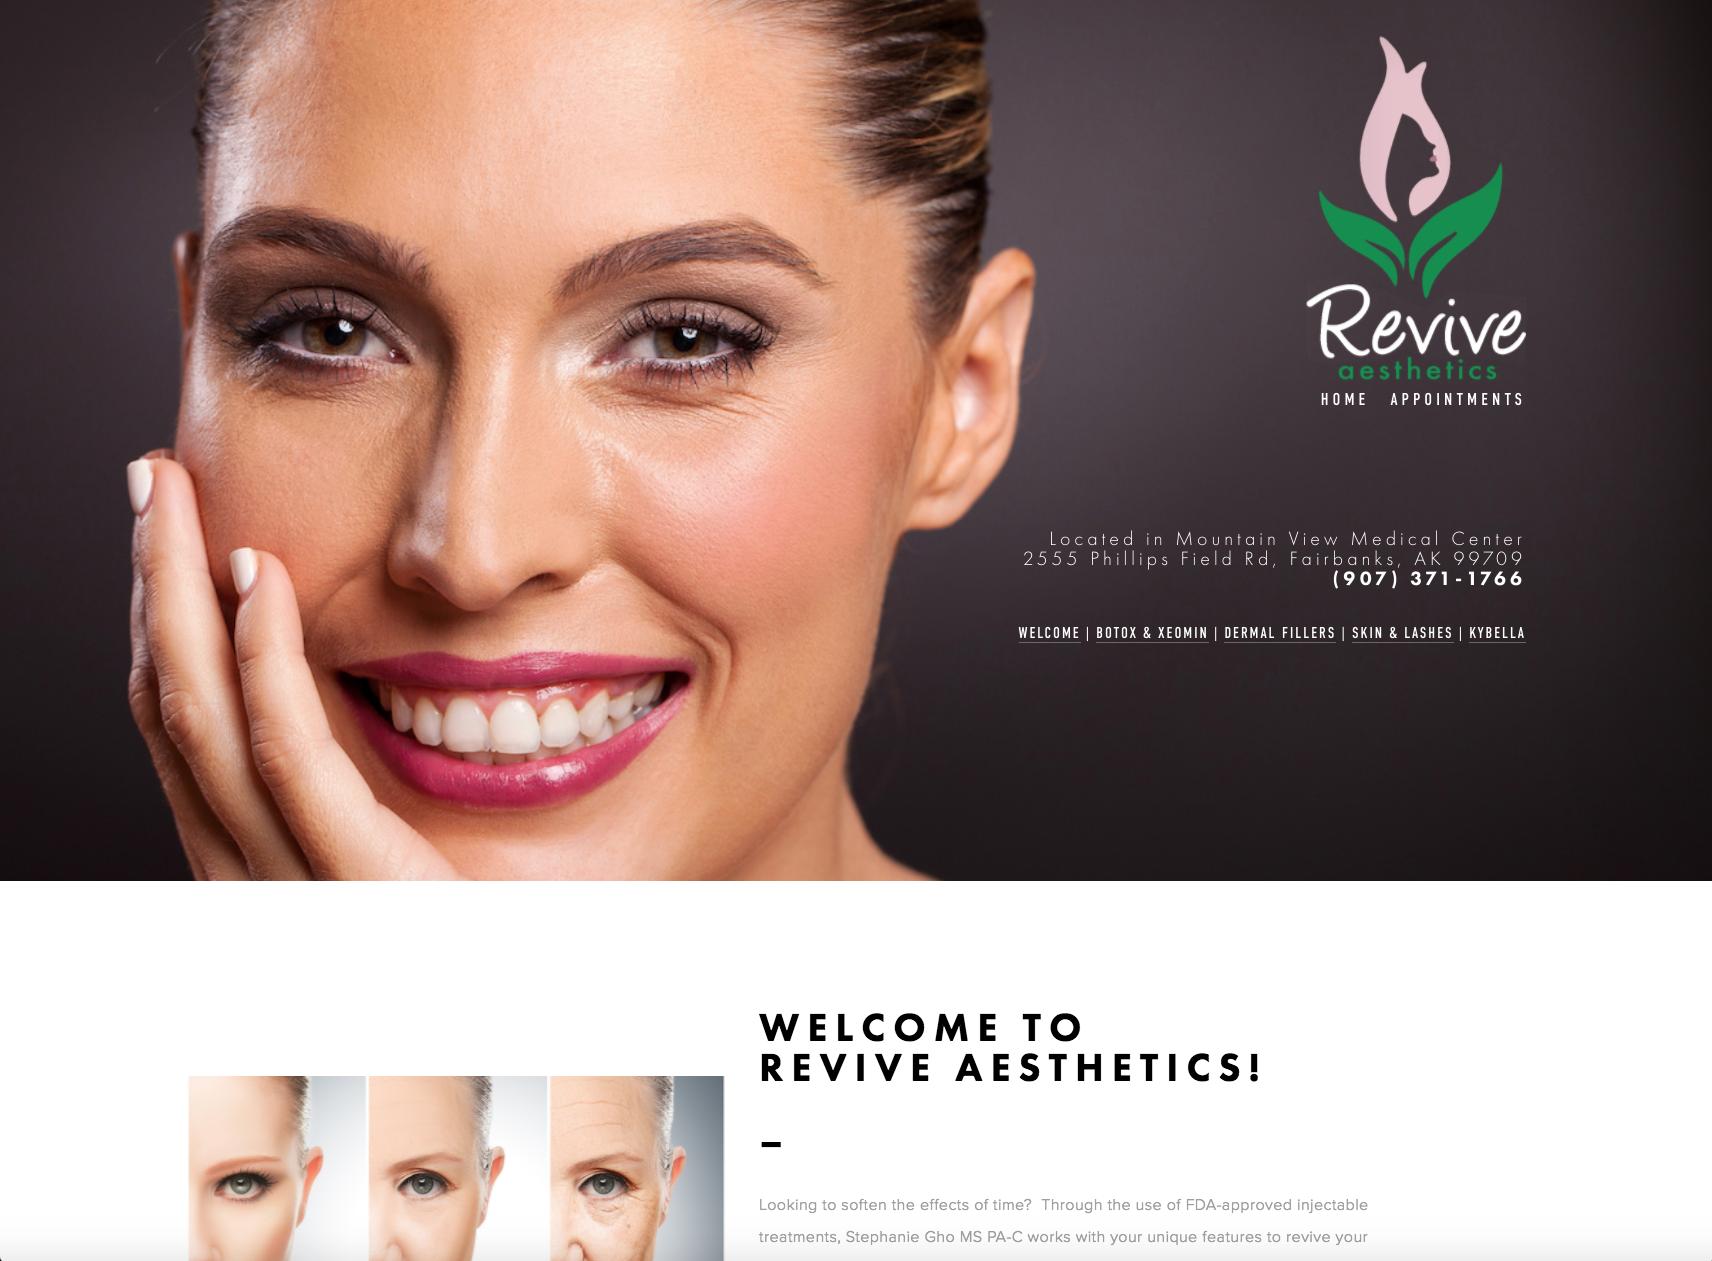 Revive Aesthetics